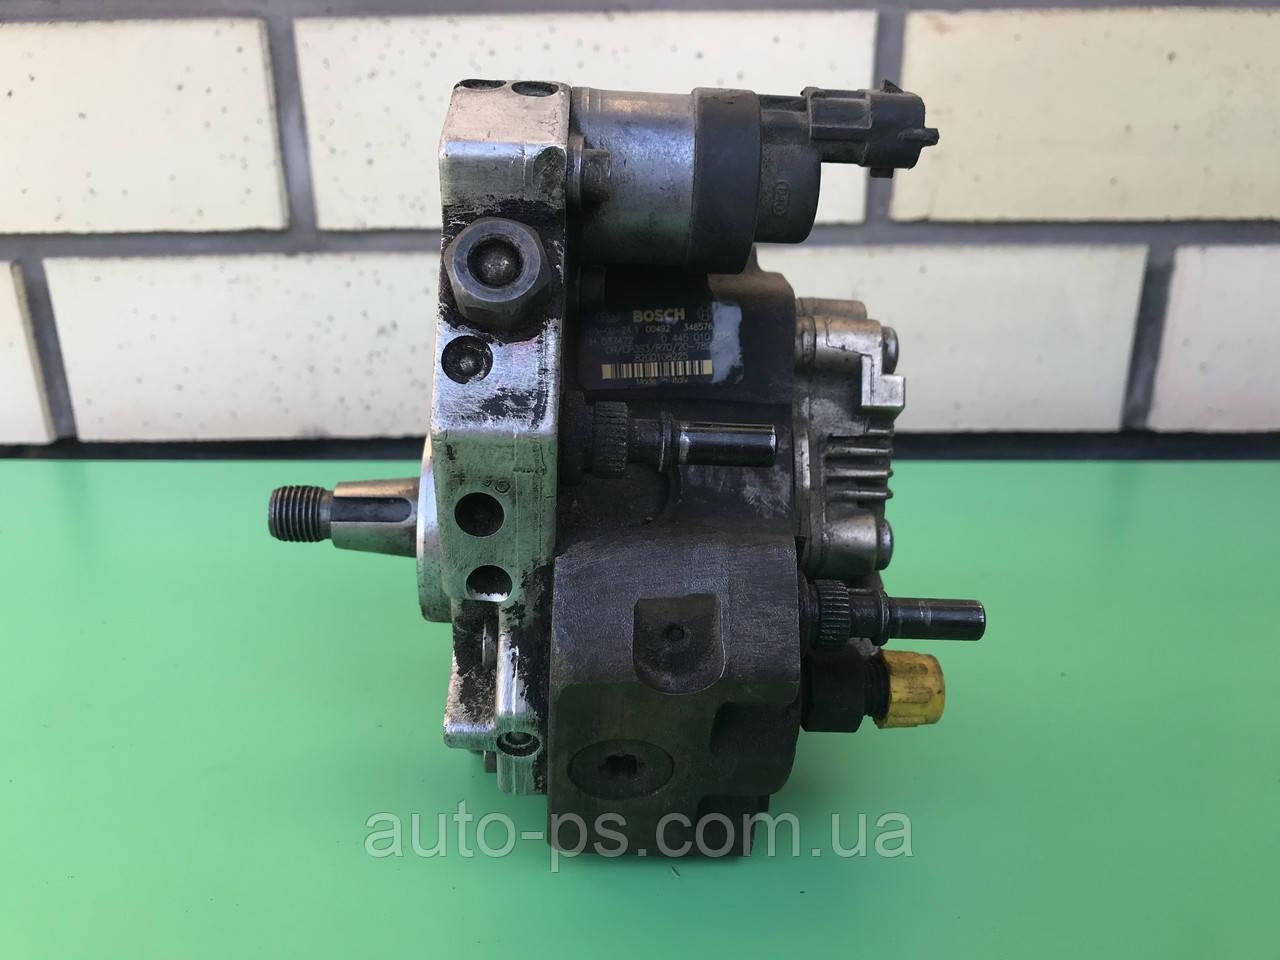 Топливный насос высокого давления (ТНВД) Nissan Primastar (X83) 1.9dCi